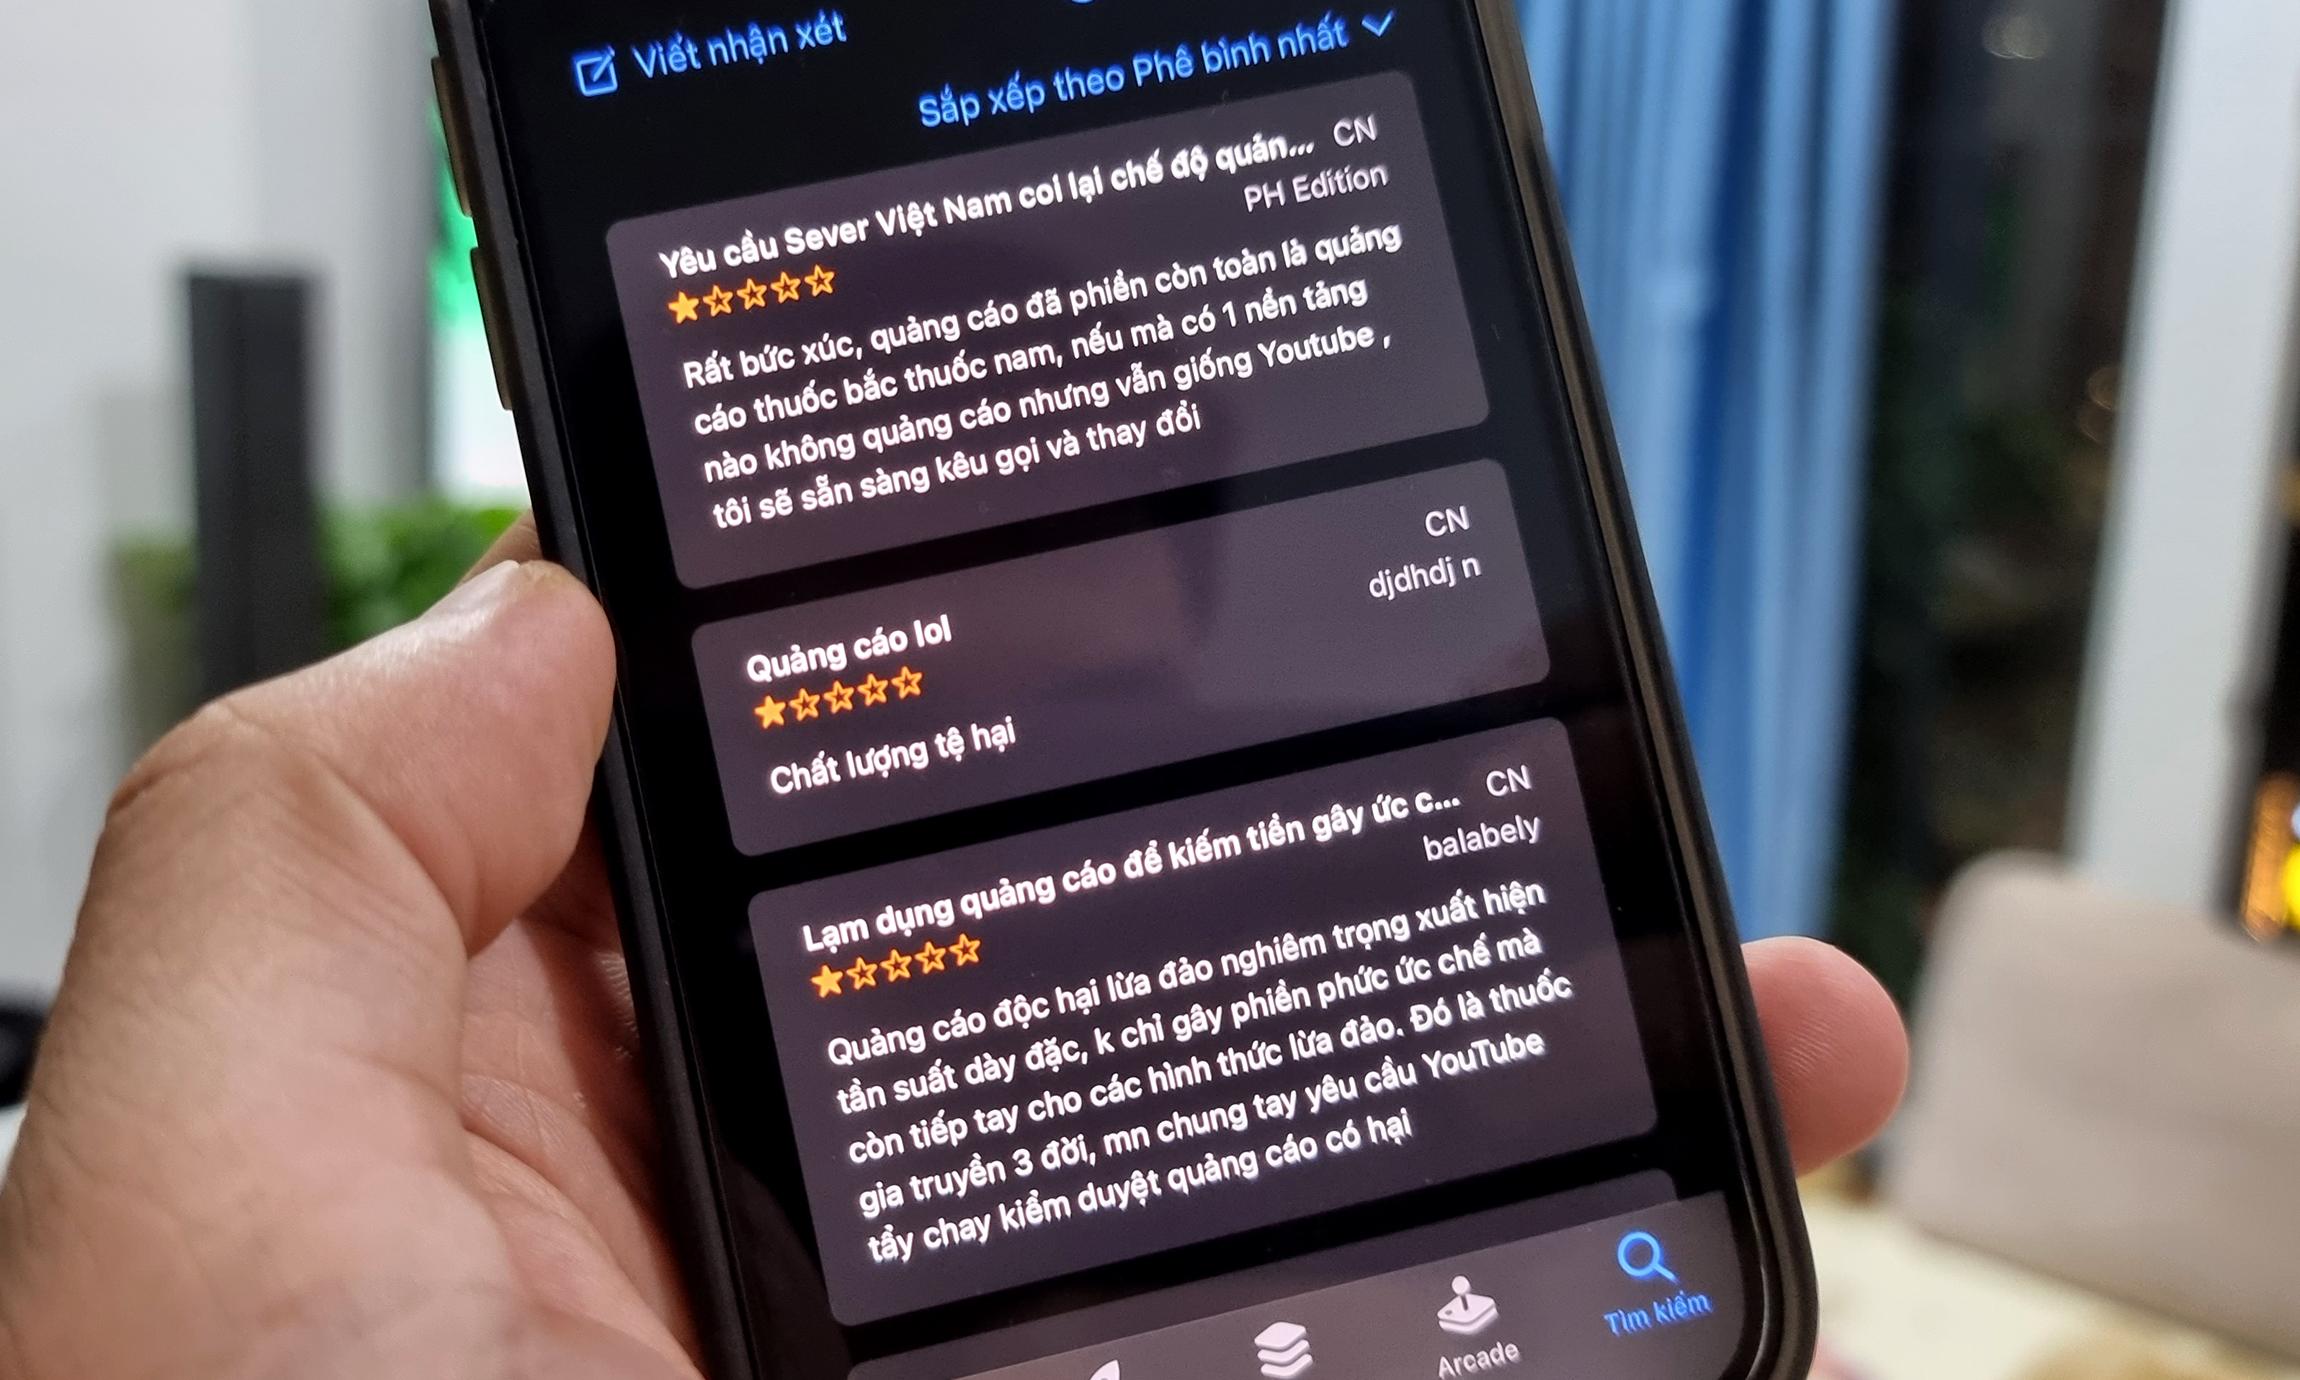 App YouTube trên iOS nhận nhiều đánh giá 1* vì các quảng cáo thuốc. Ảnh: Lưu Quý